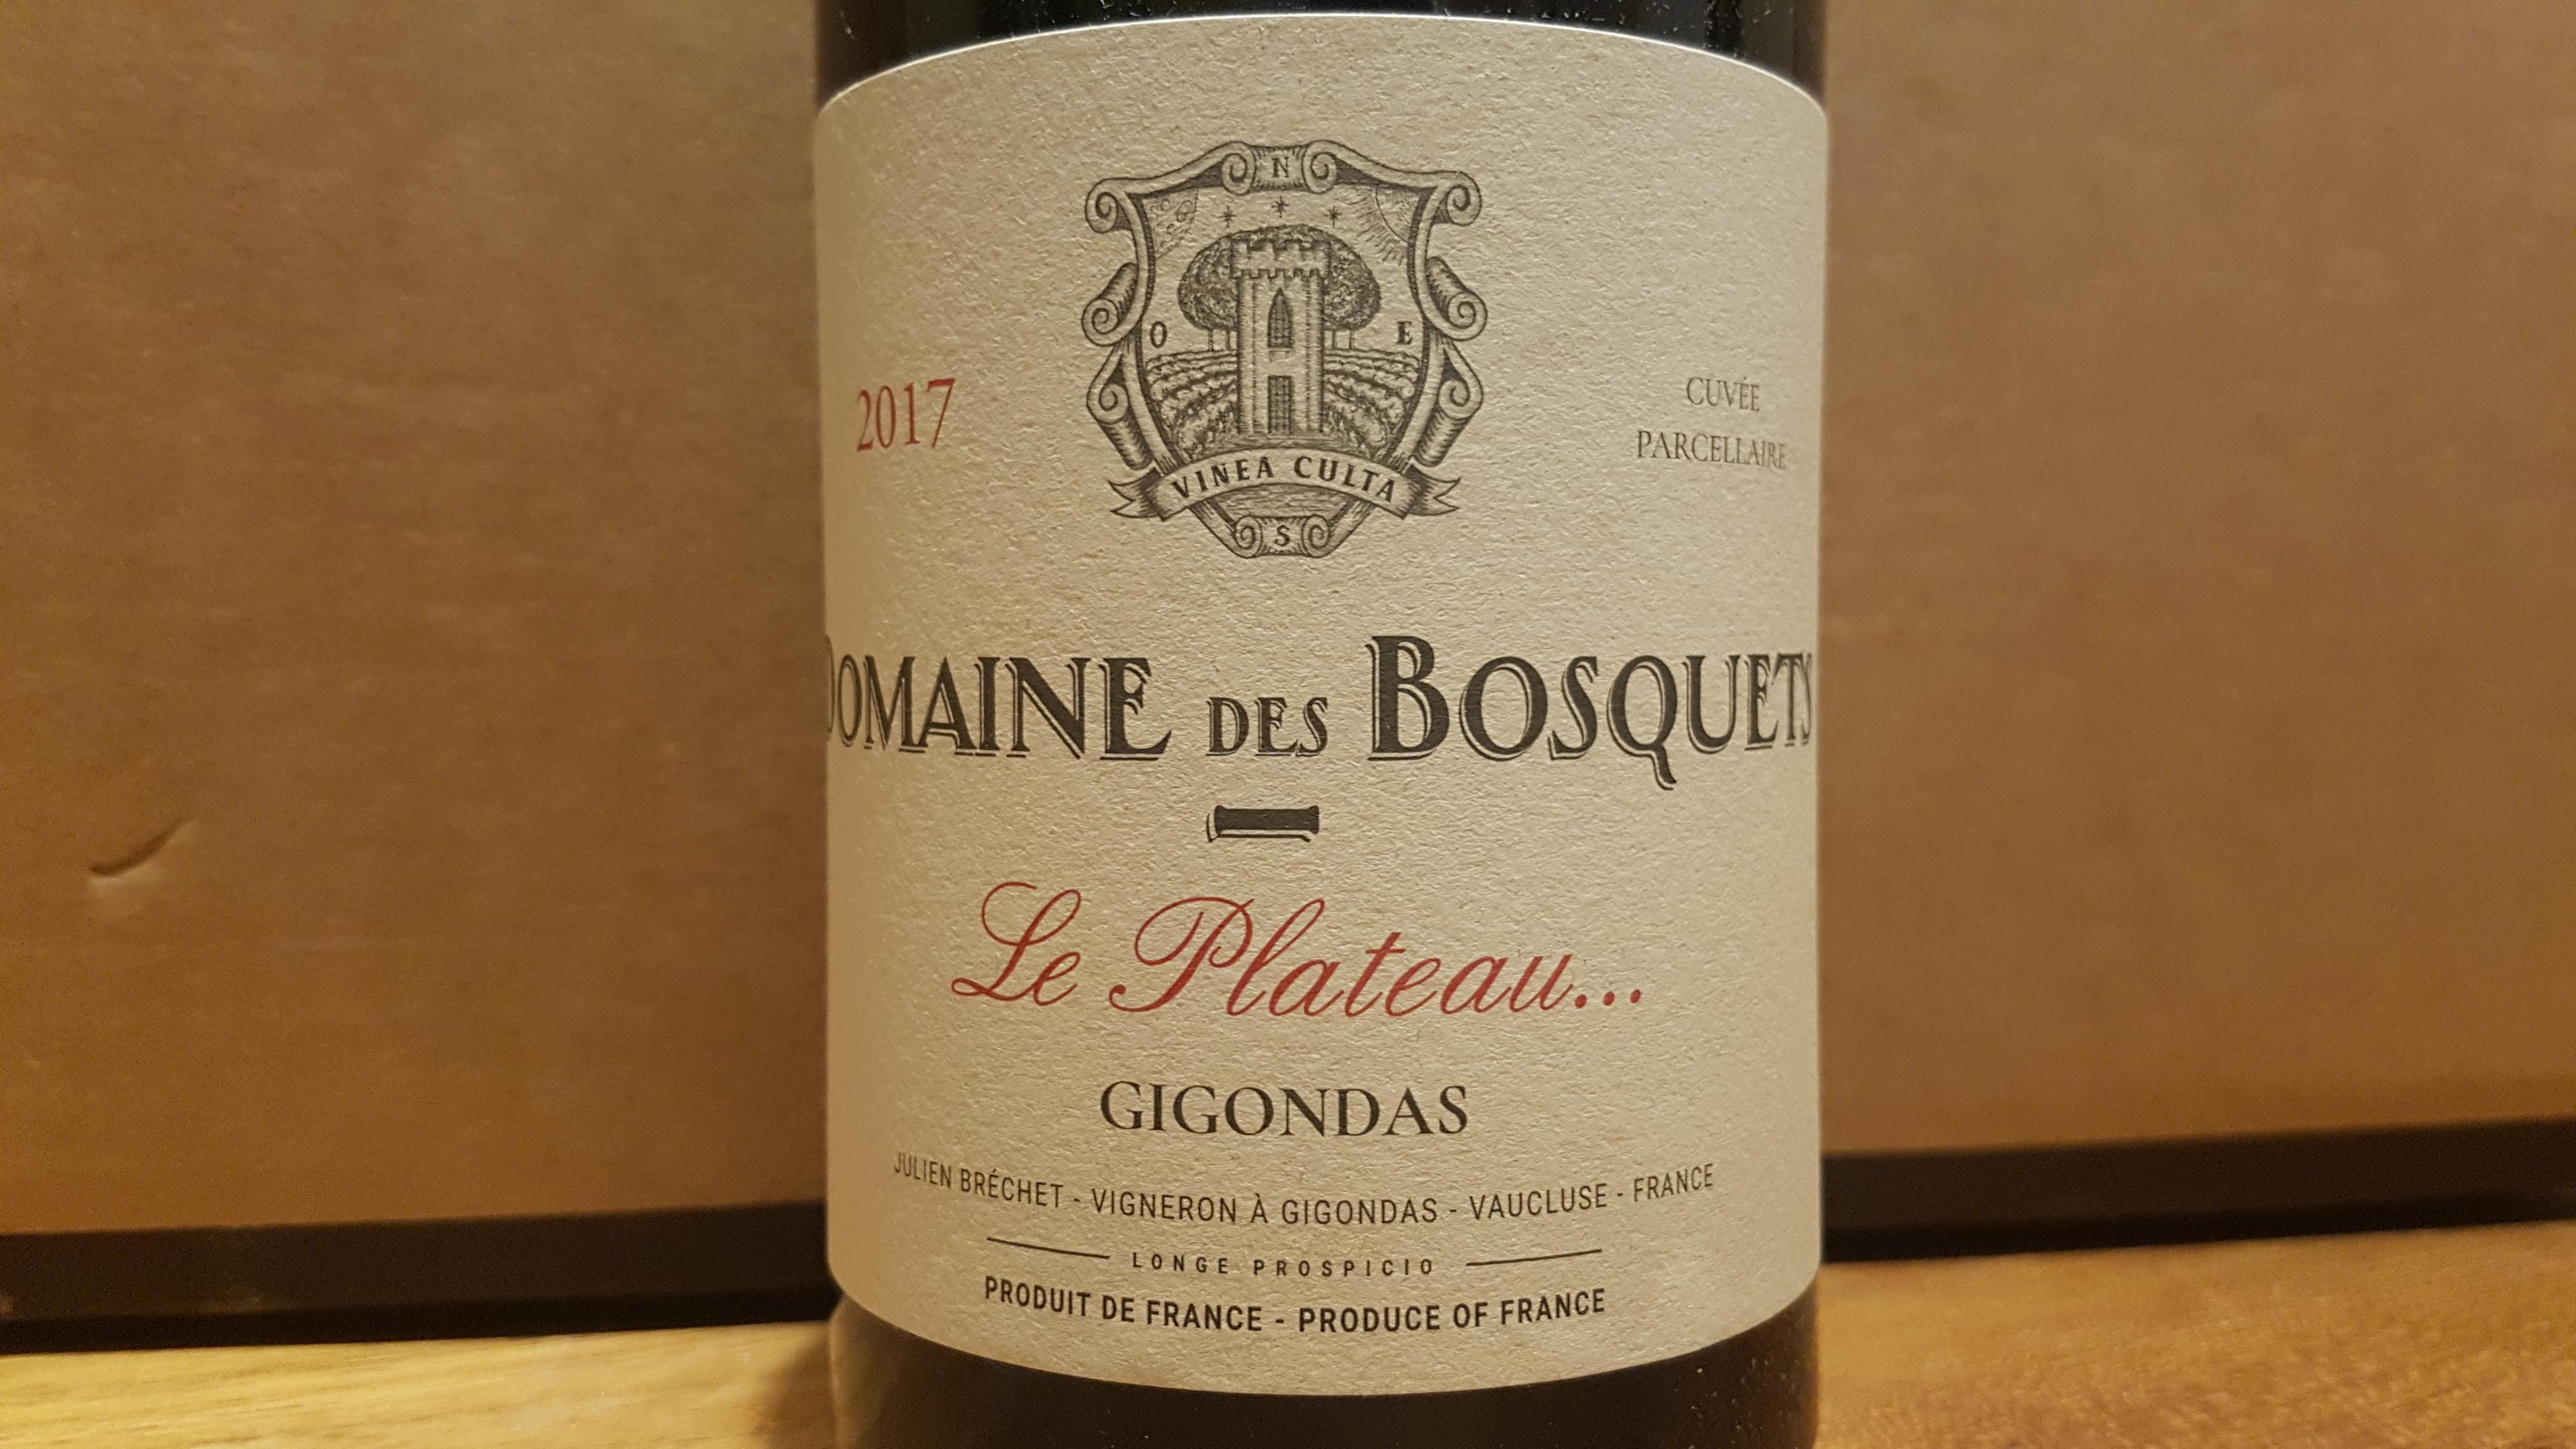 Domaine des Bosquets Le Plateau … 2017 – Gigondas Rouge